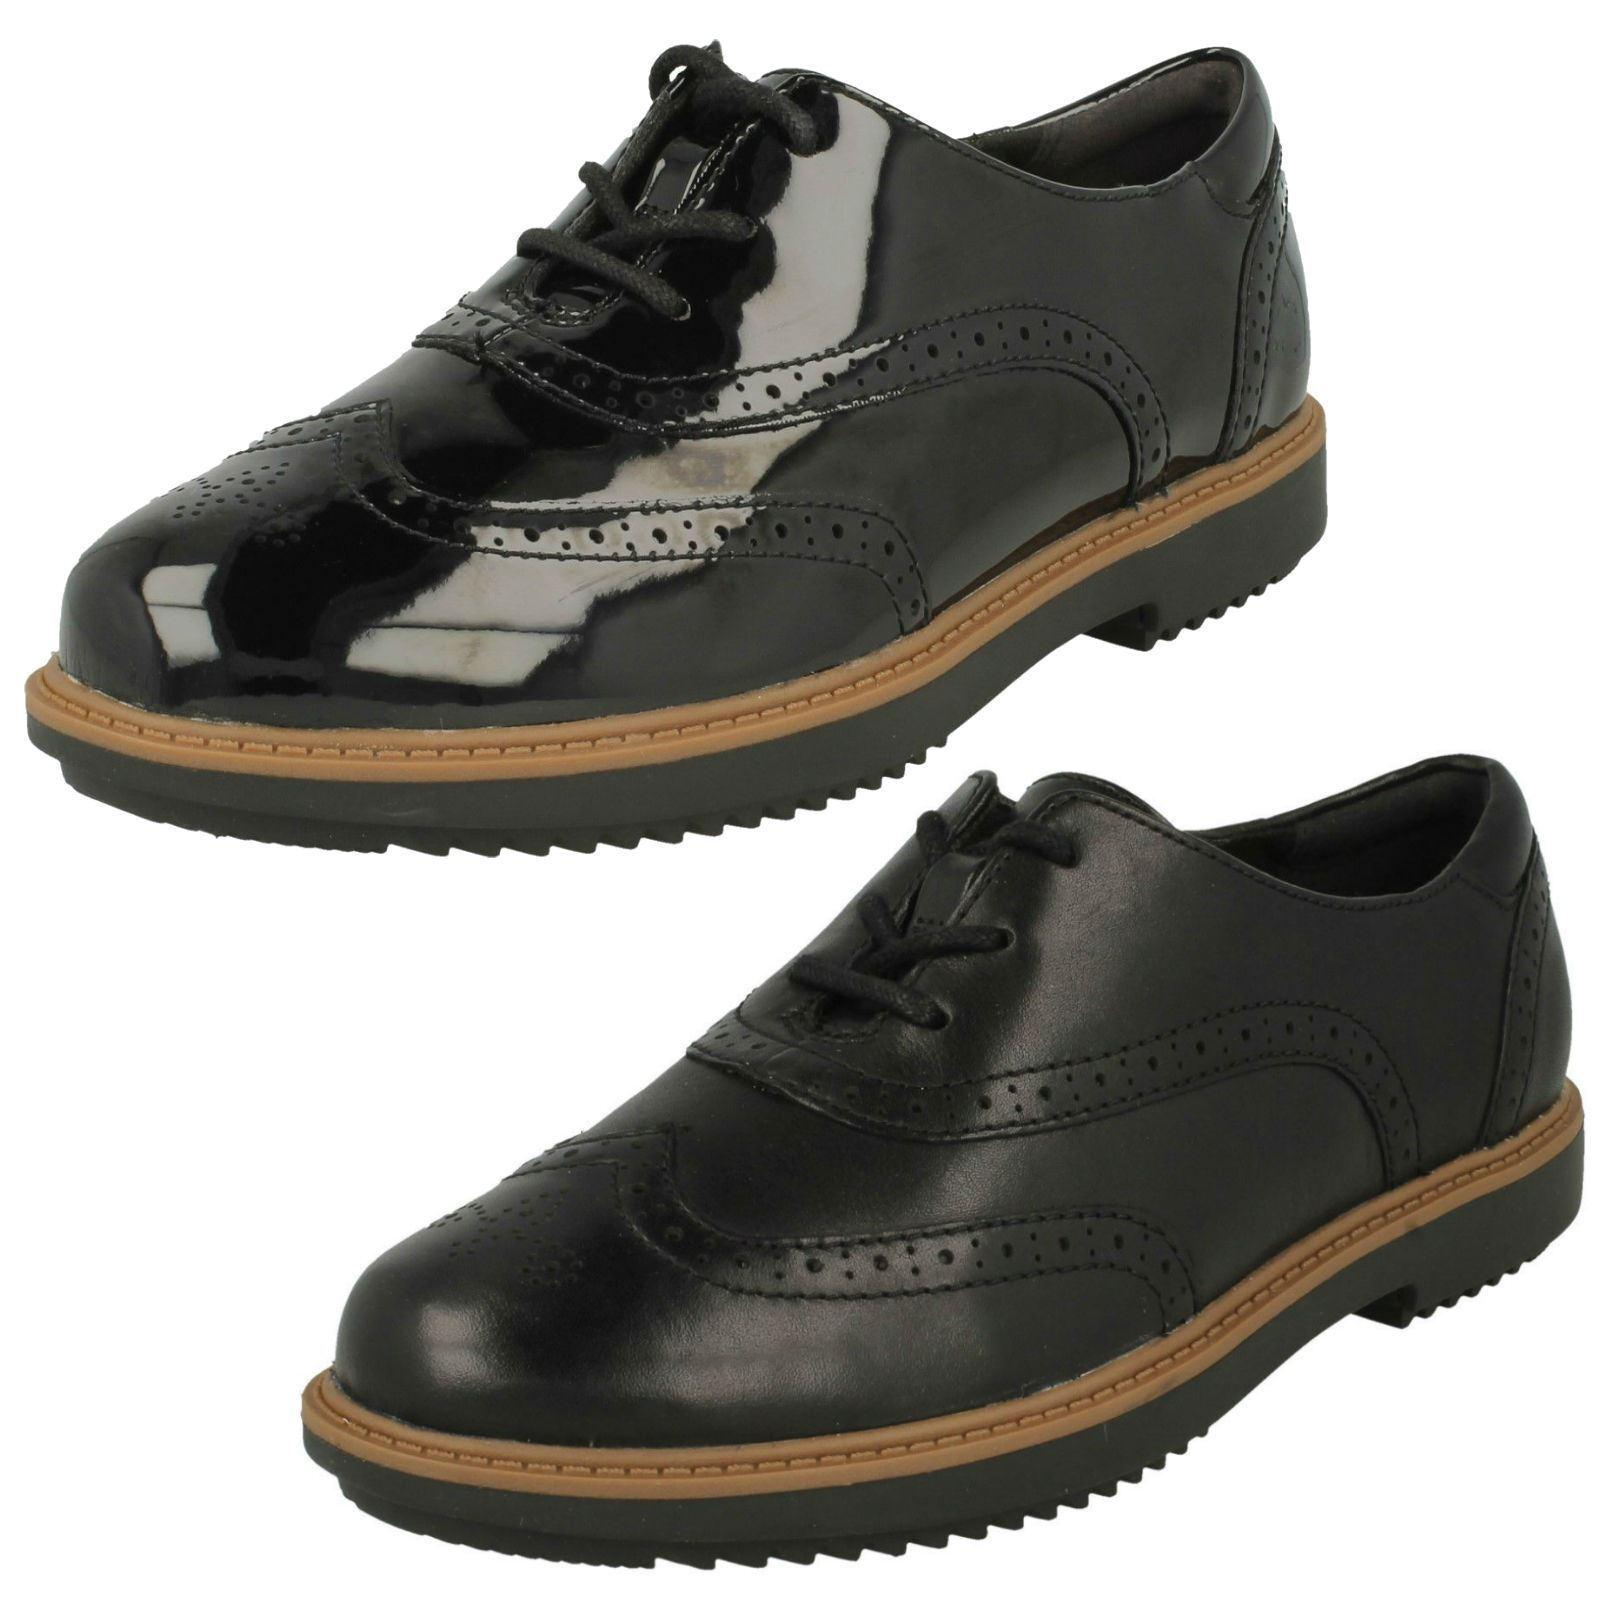 Mujer Clarks Zapatos Zapatos Zapatos Oxford con Cordones - Raisie Hilde  la calidad primero los consumidores primero